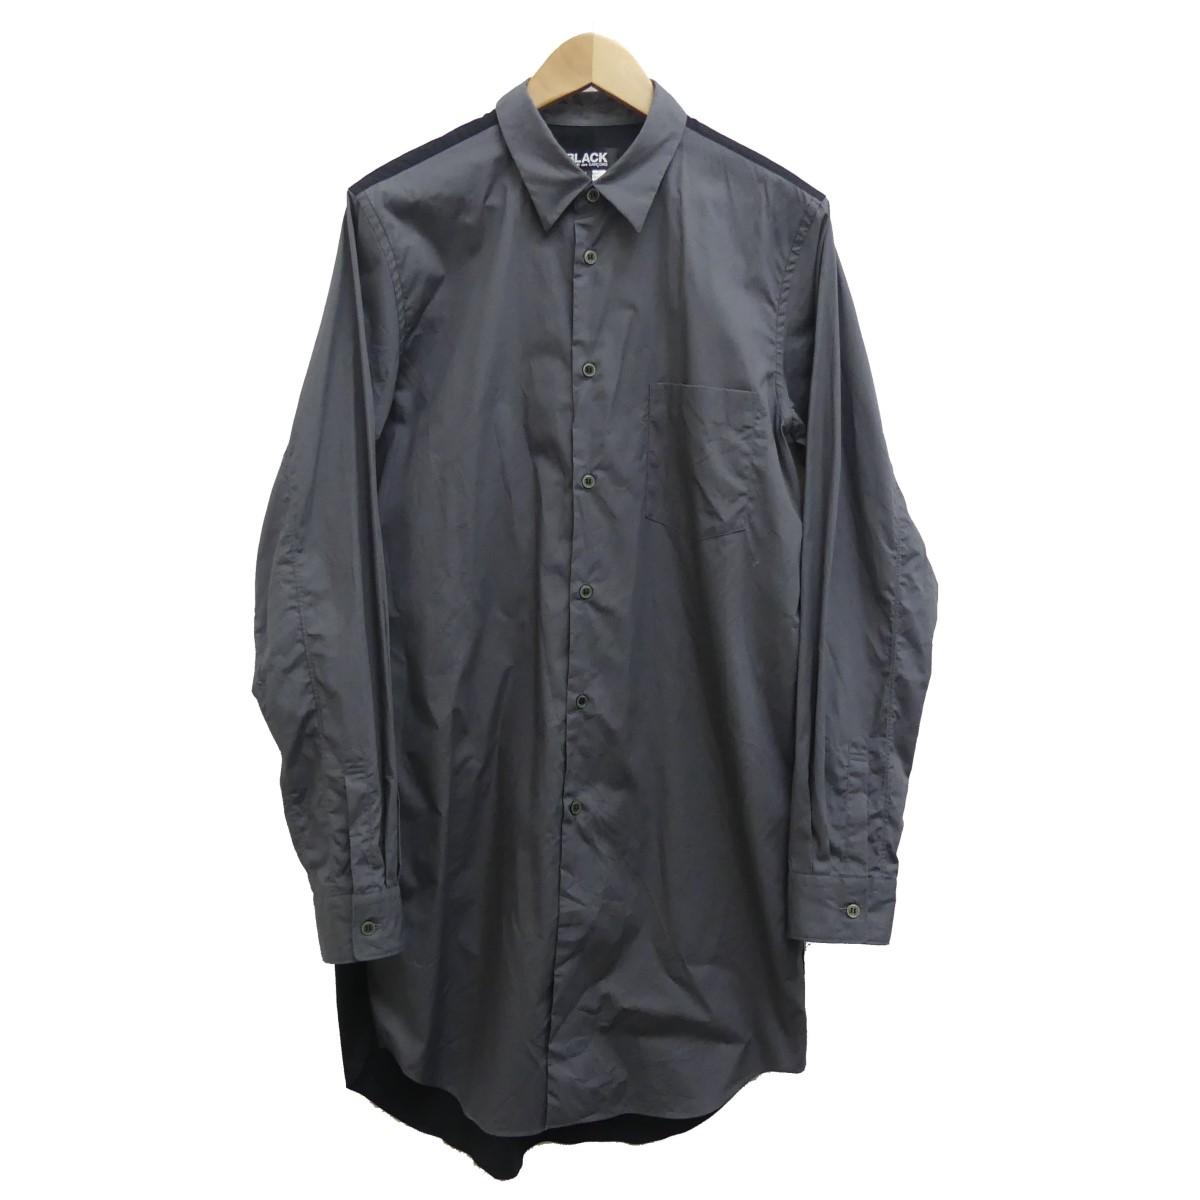 【中古】BLACK COMME des GARCONS 20SS バイカラー切替ロングシャツ ブラック×グレー サイズ:L 【170420】(ブラックコムデギャルソン)